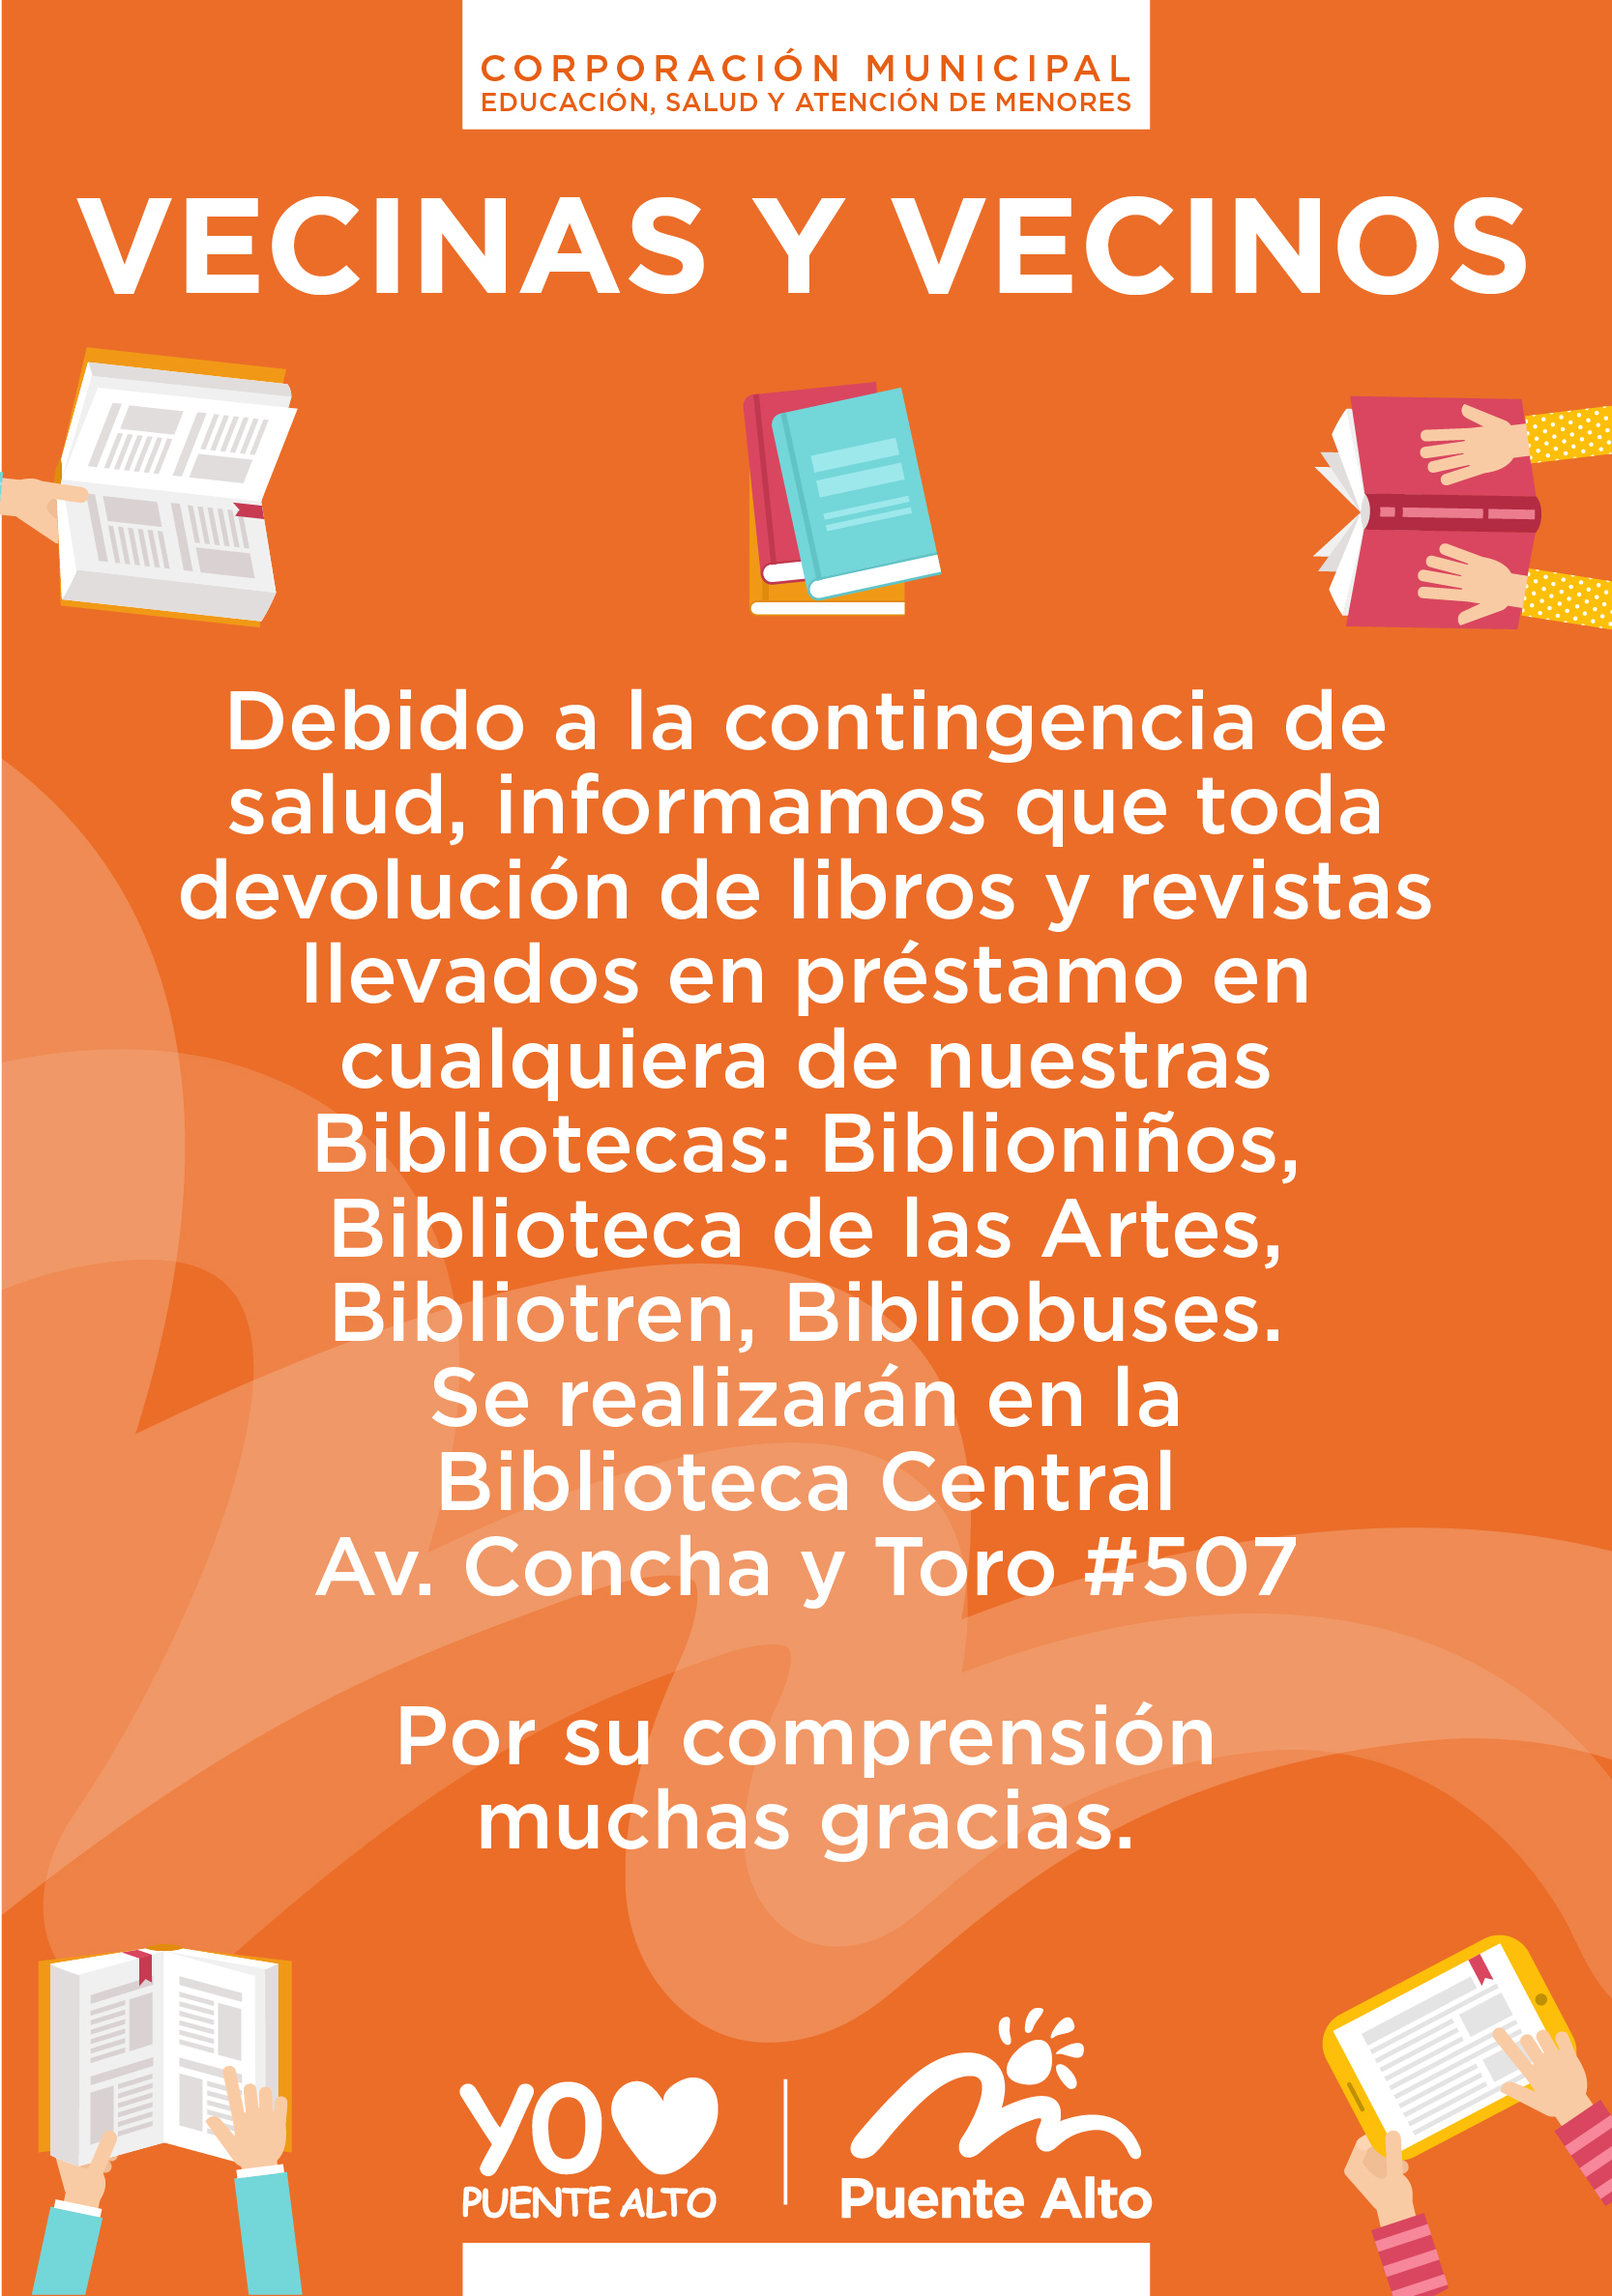 Devolución de libros y revistas